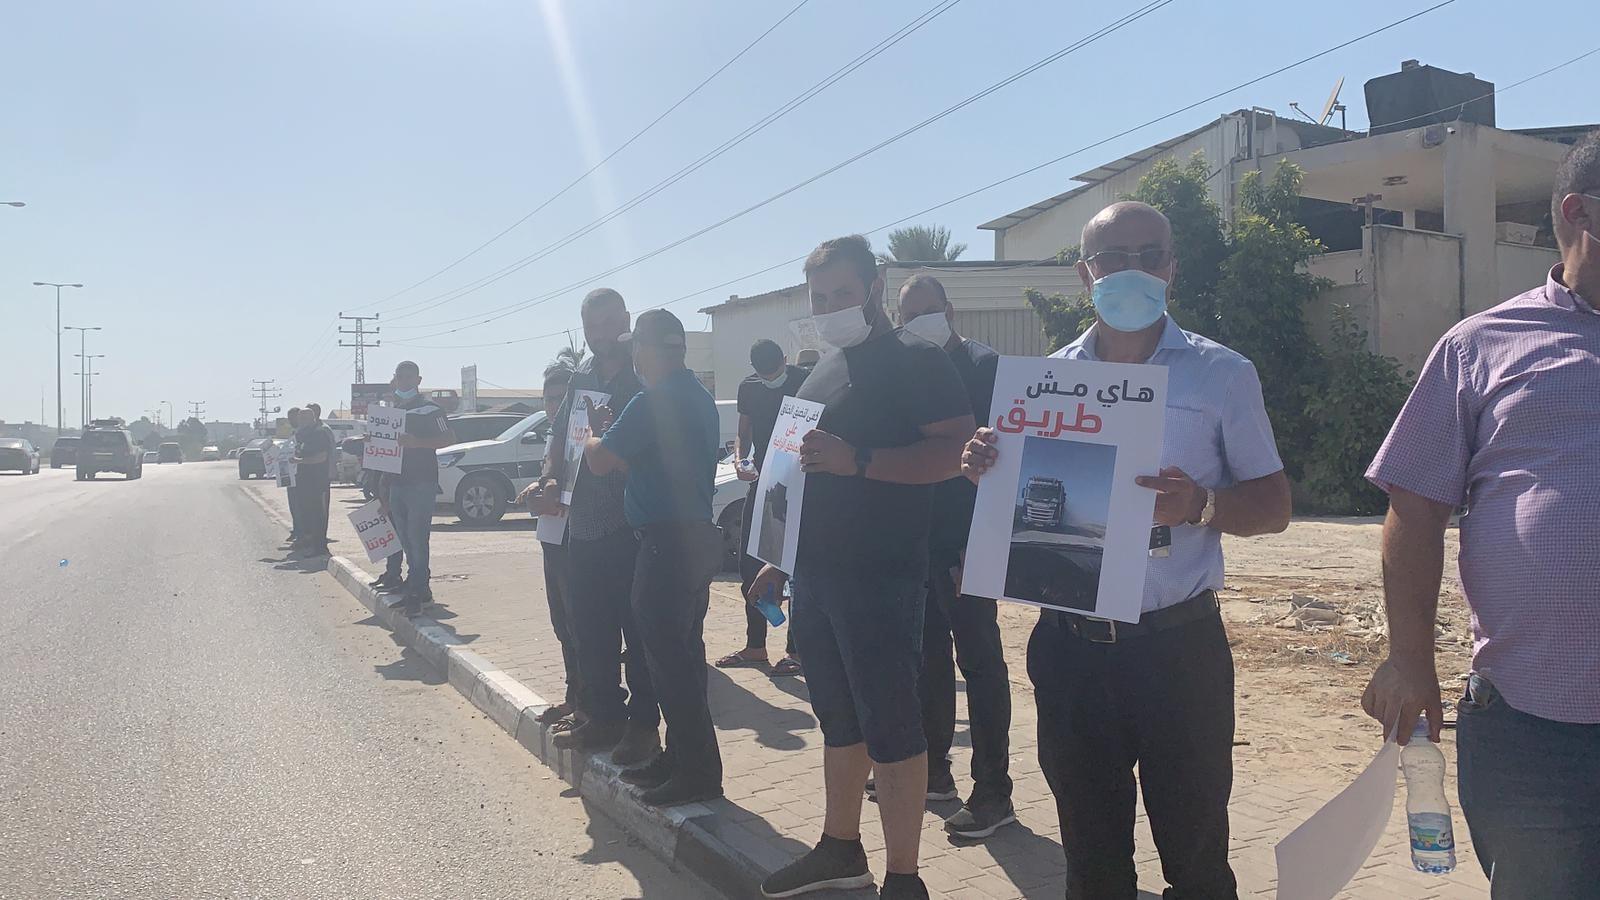 من التظاهرة (عرب ٤٨)